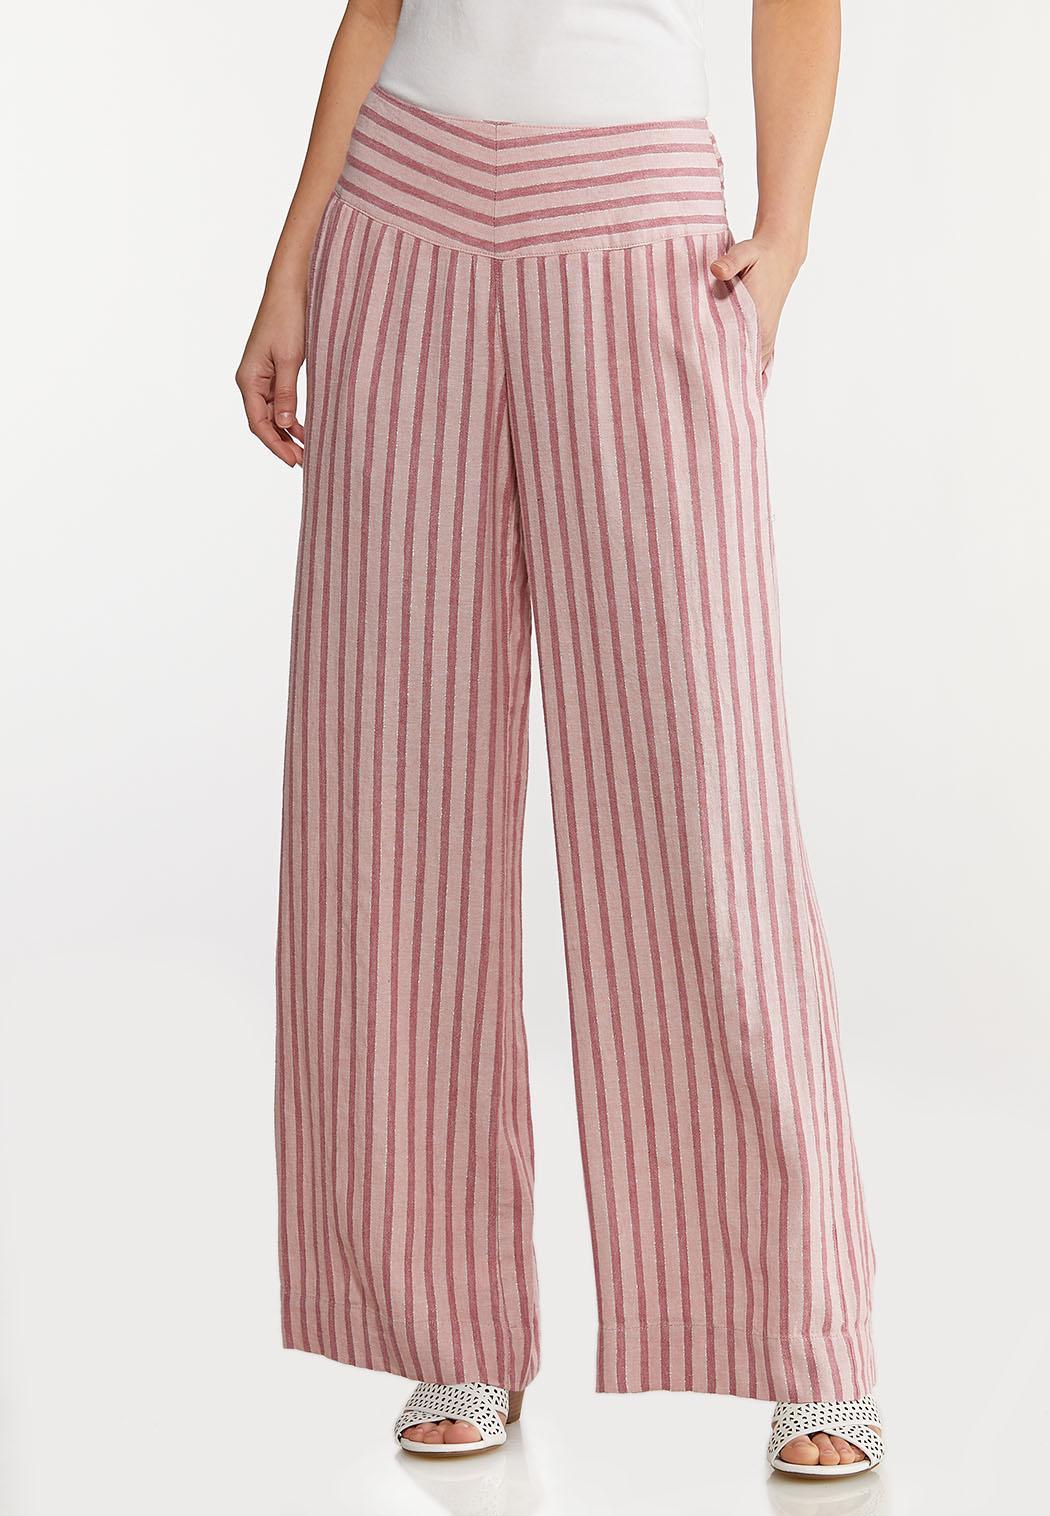 Cotton Candy Stripe Pants